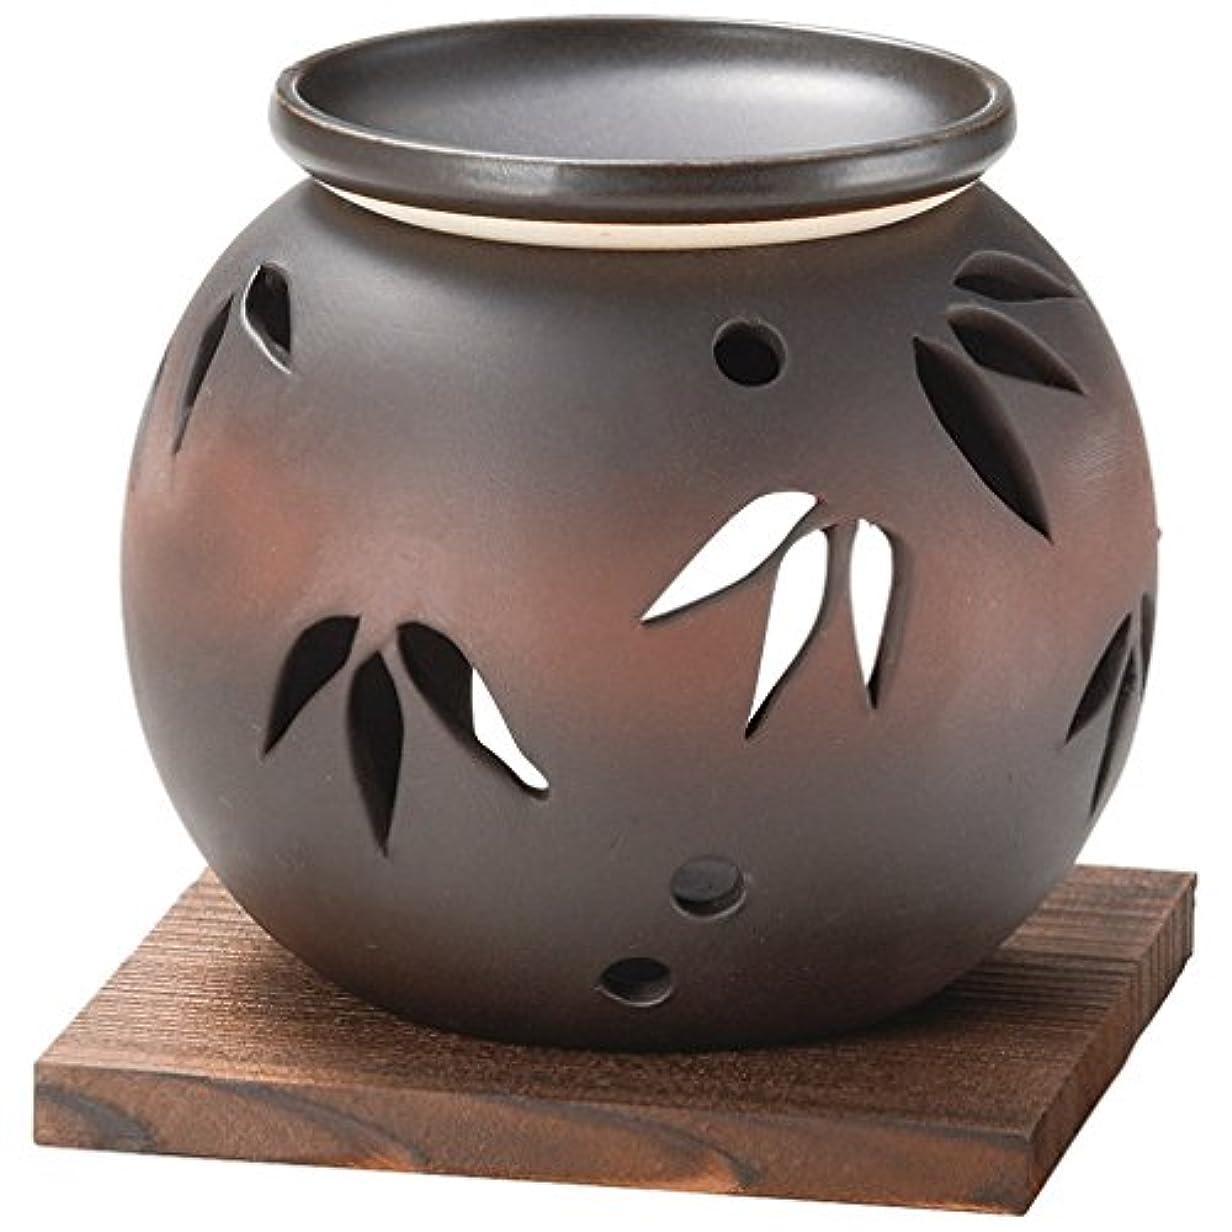 スーパーマーケットビットブラシ山下工芸 常滑焼 茶窯変笹透かし茶香炉 11×11.5×11.5cm 13045620